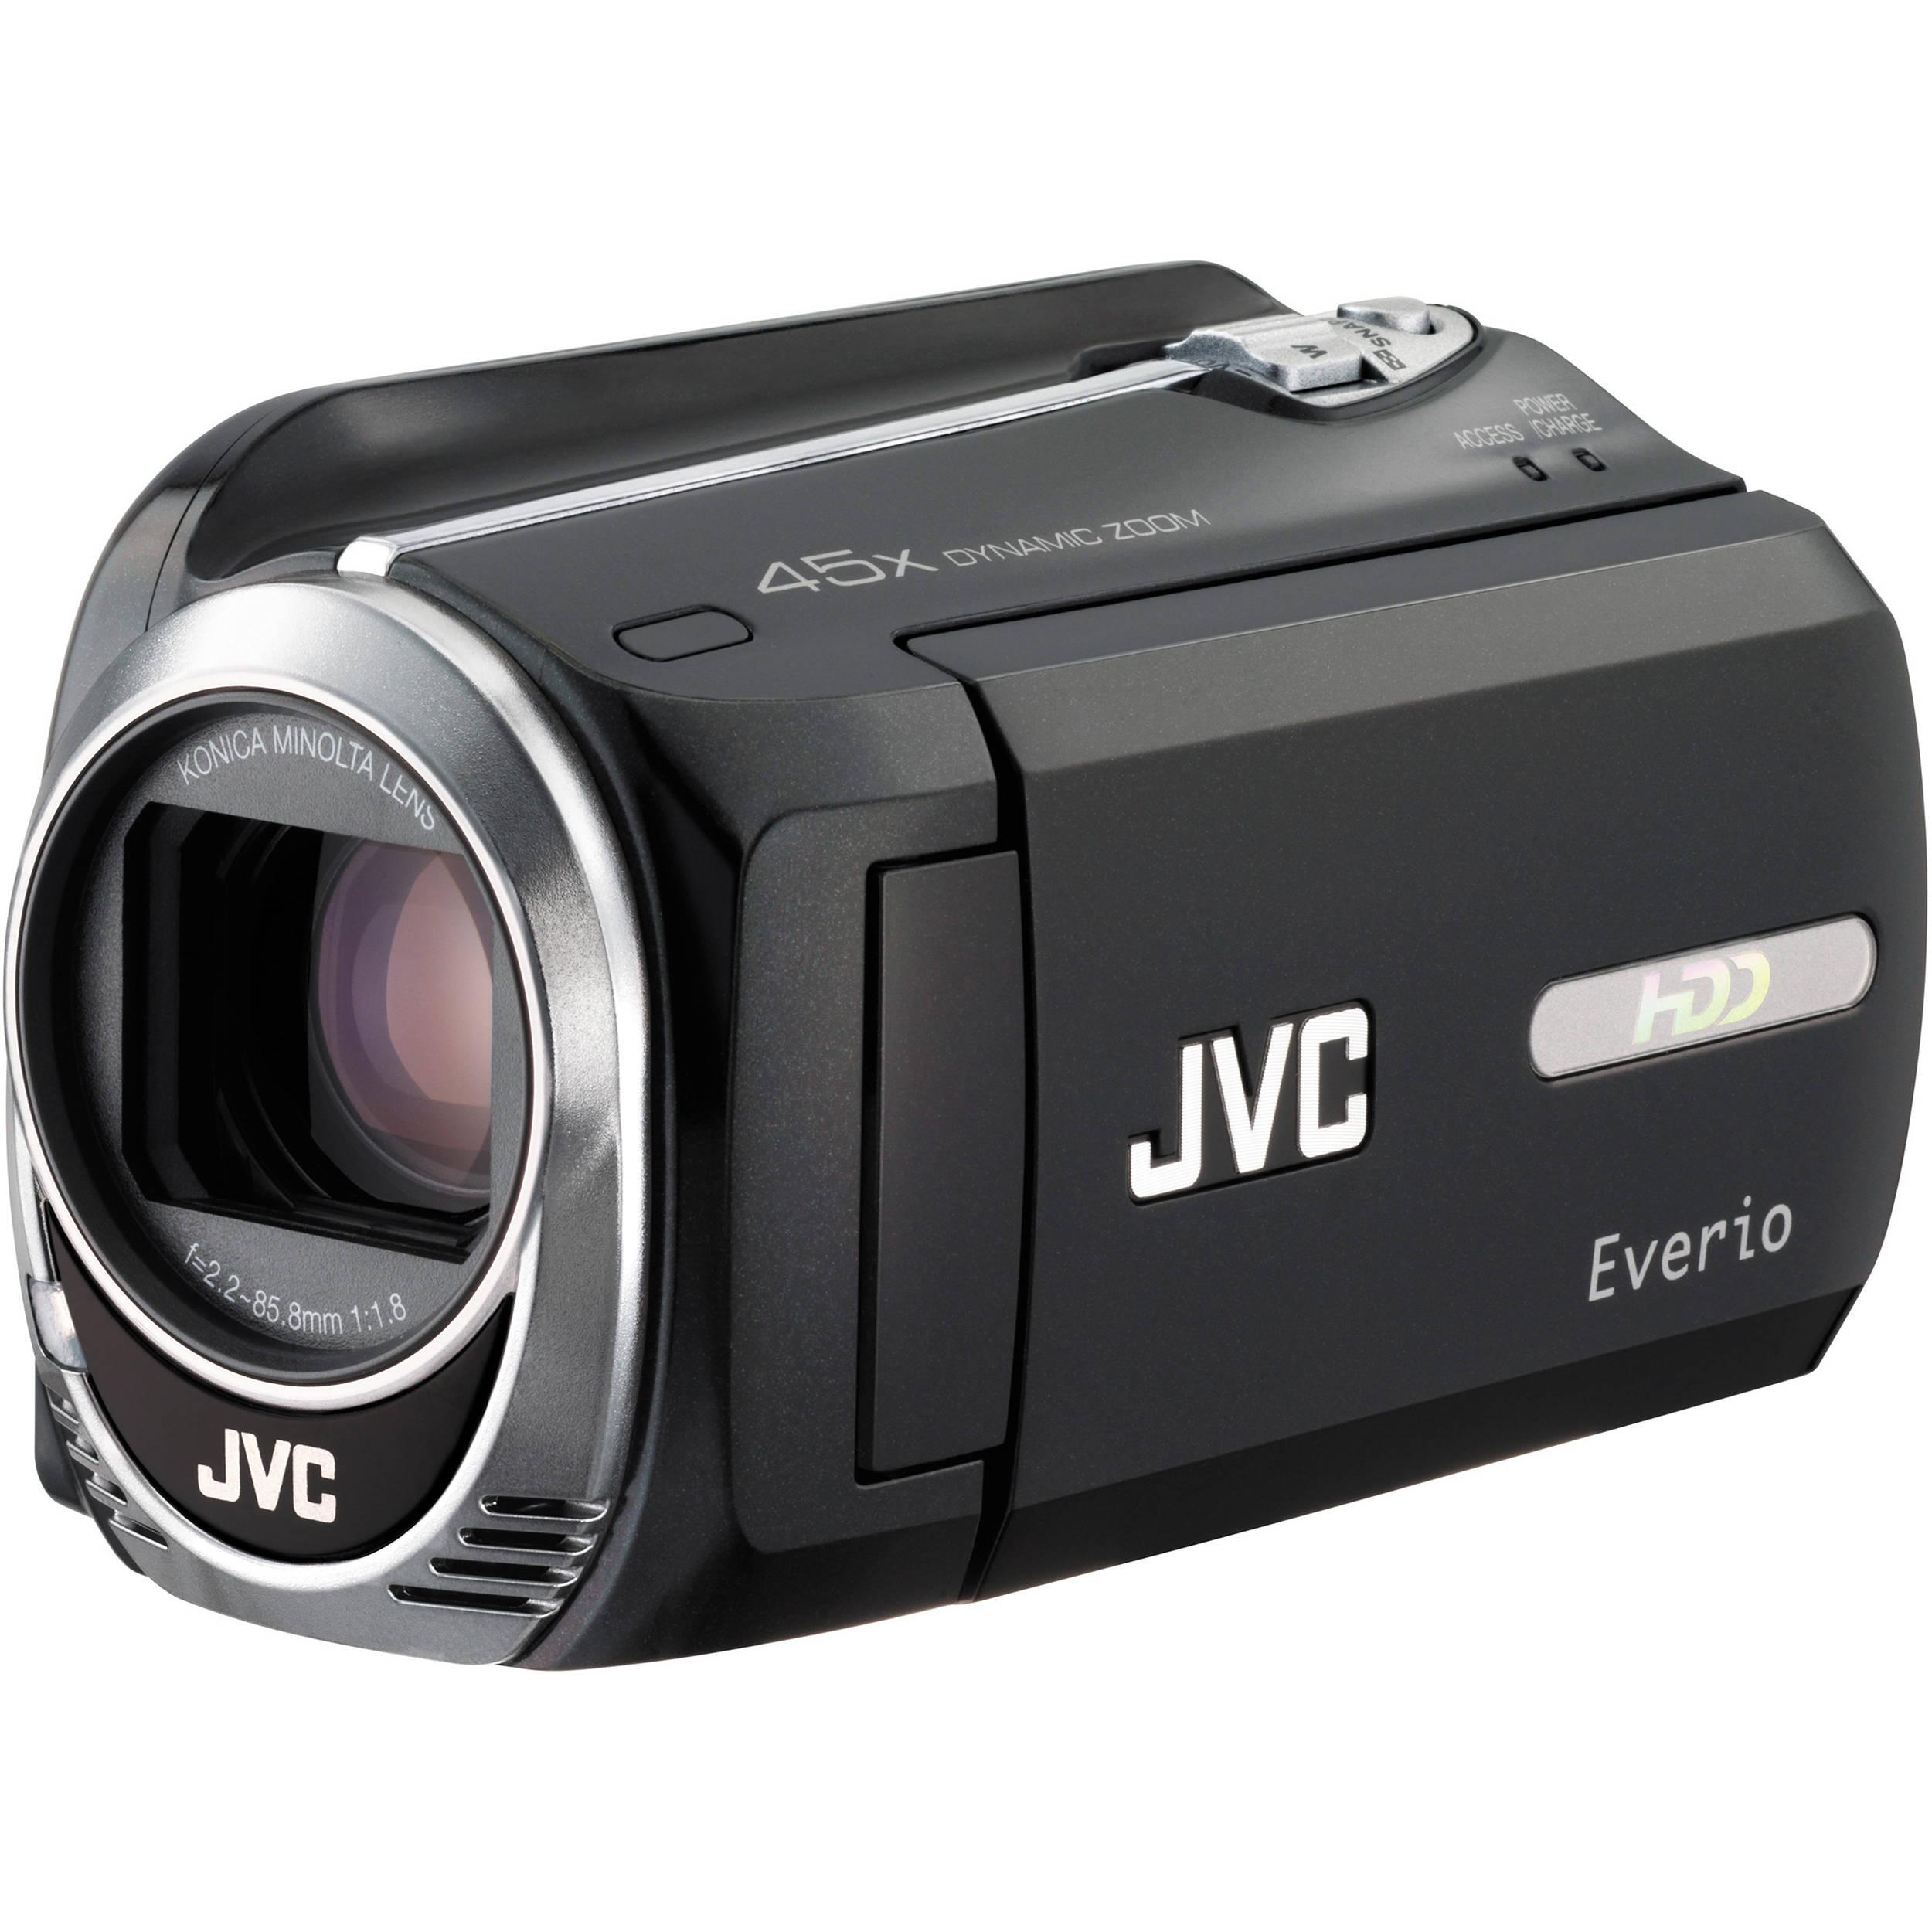 Easy editing & saving hd everio | jvc.